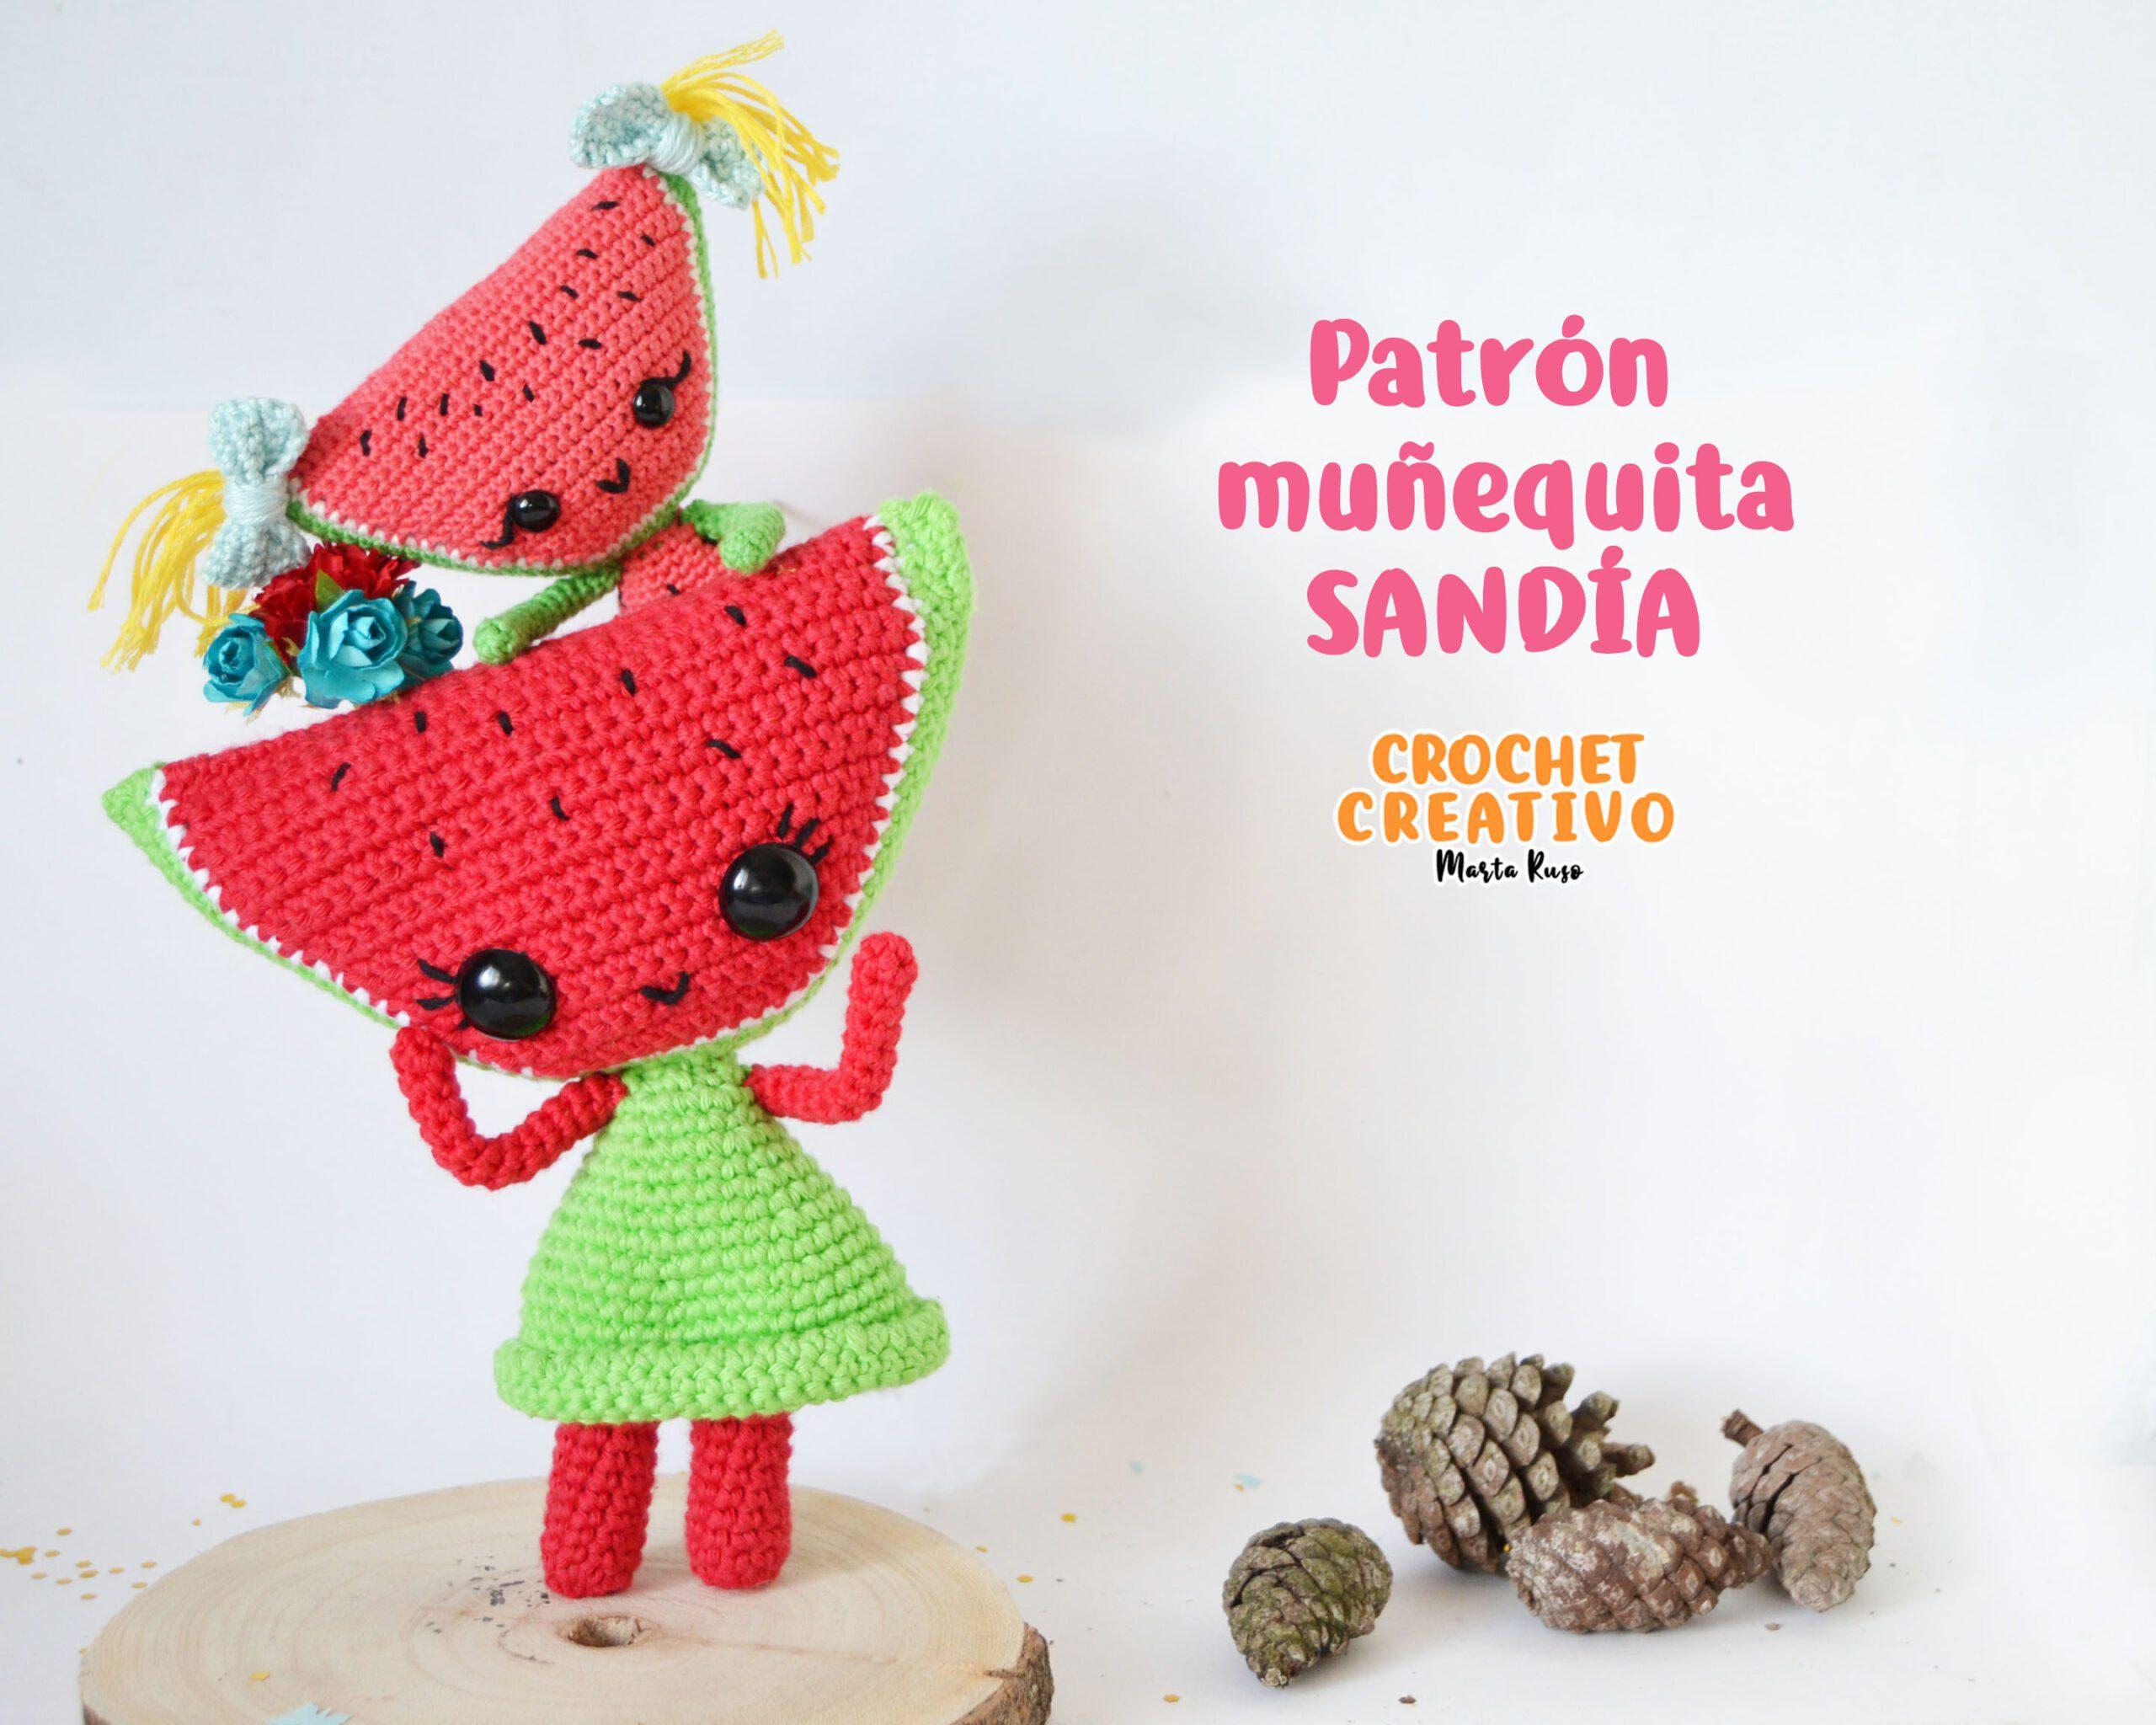 Elfo Crochet, amigurumi, patterns | Patrón de conejito de ganchillo,  Conejito de ganchillo, Ganchillo amigurumi | 2048x2560